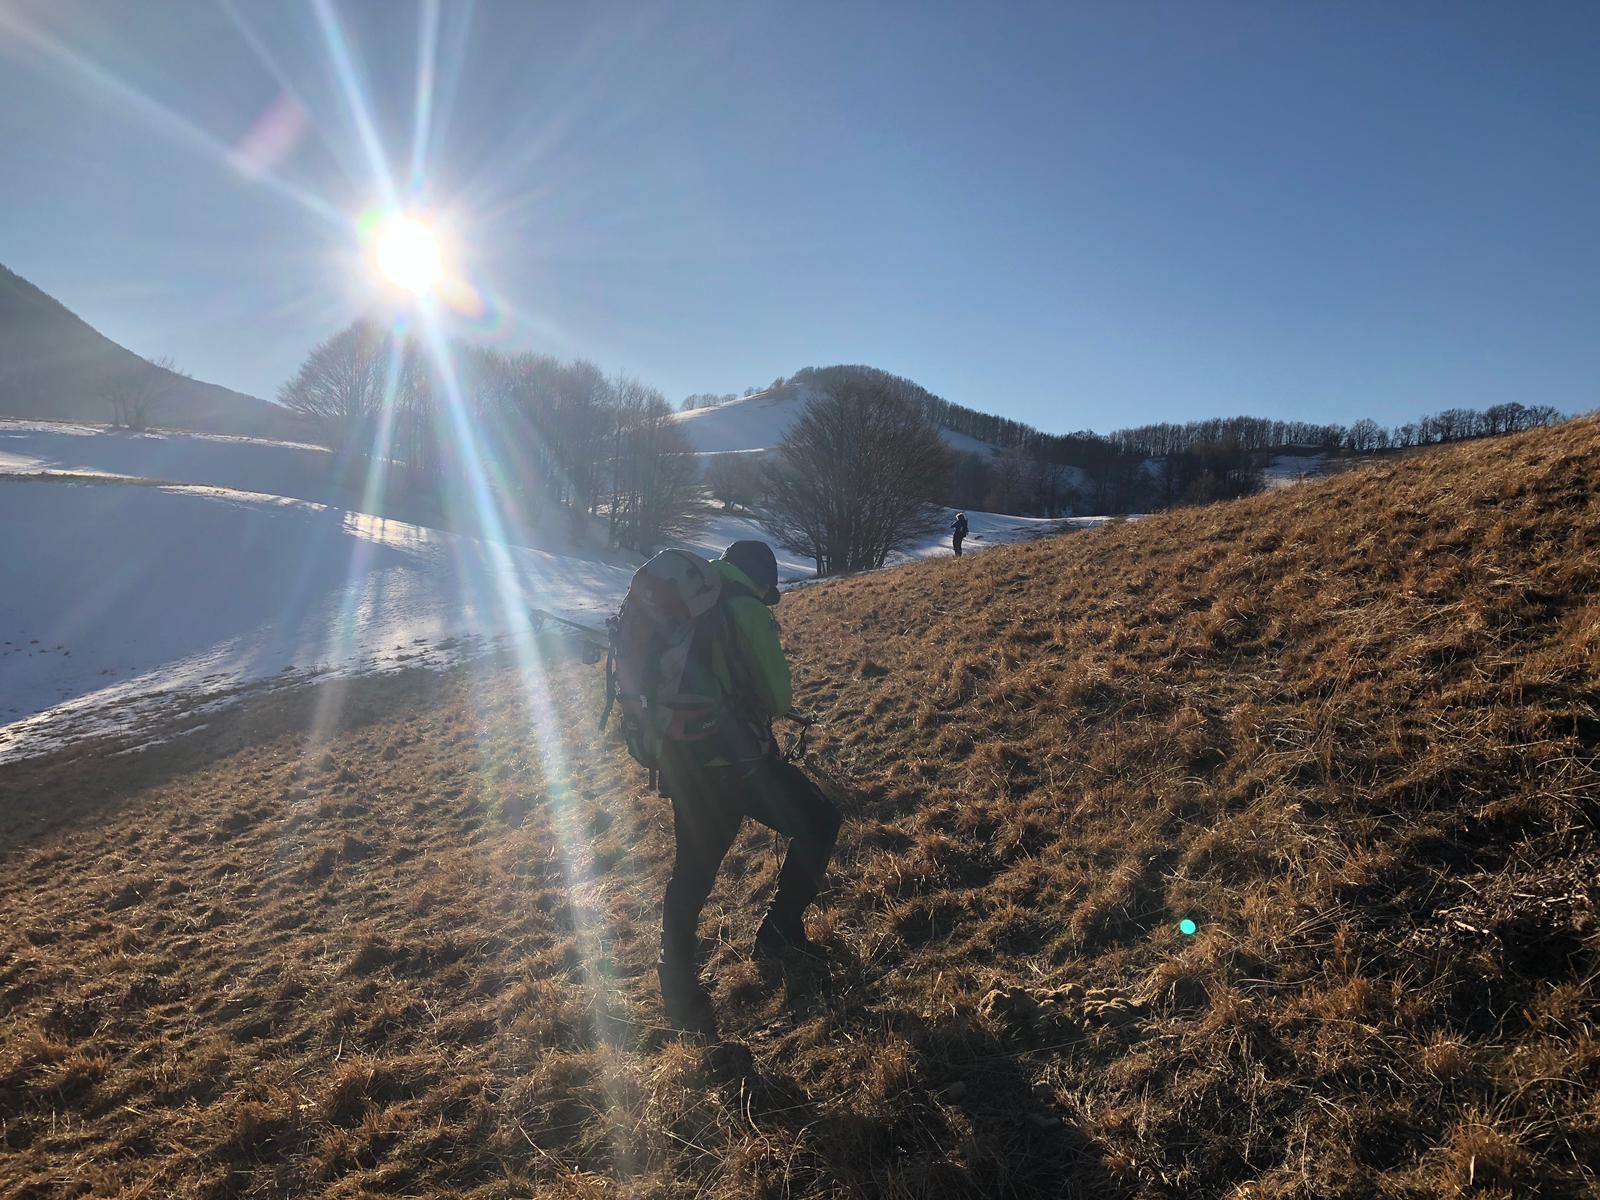 zambo trekking